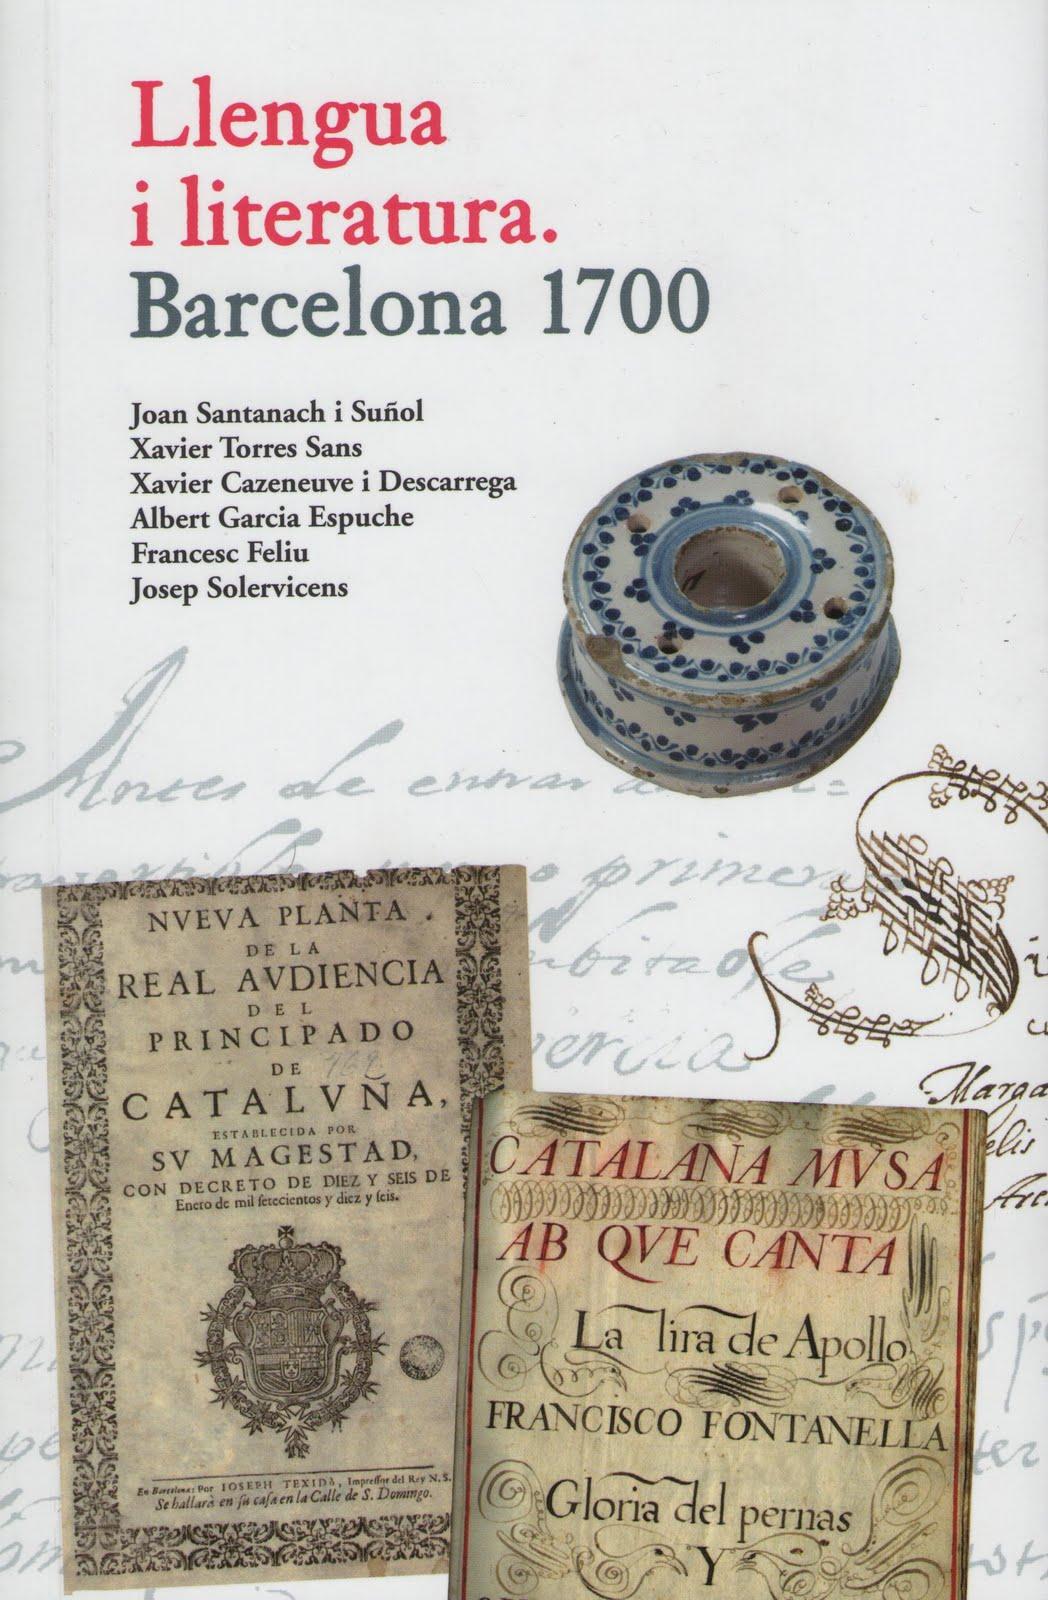 Barcelona 1700: Llengua i literatura